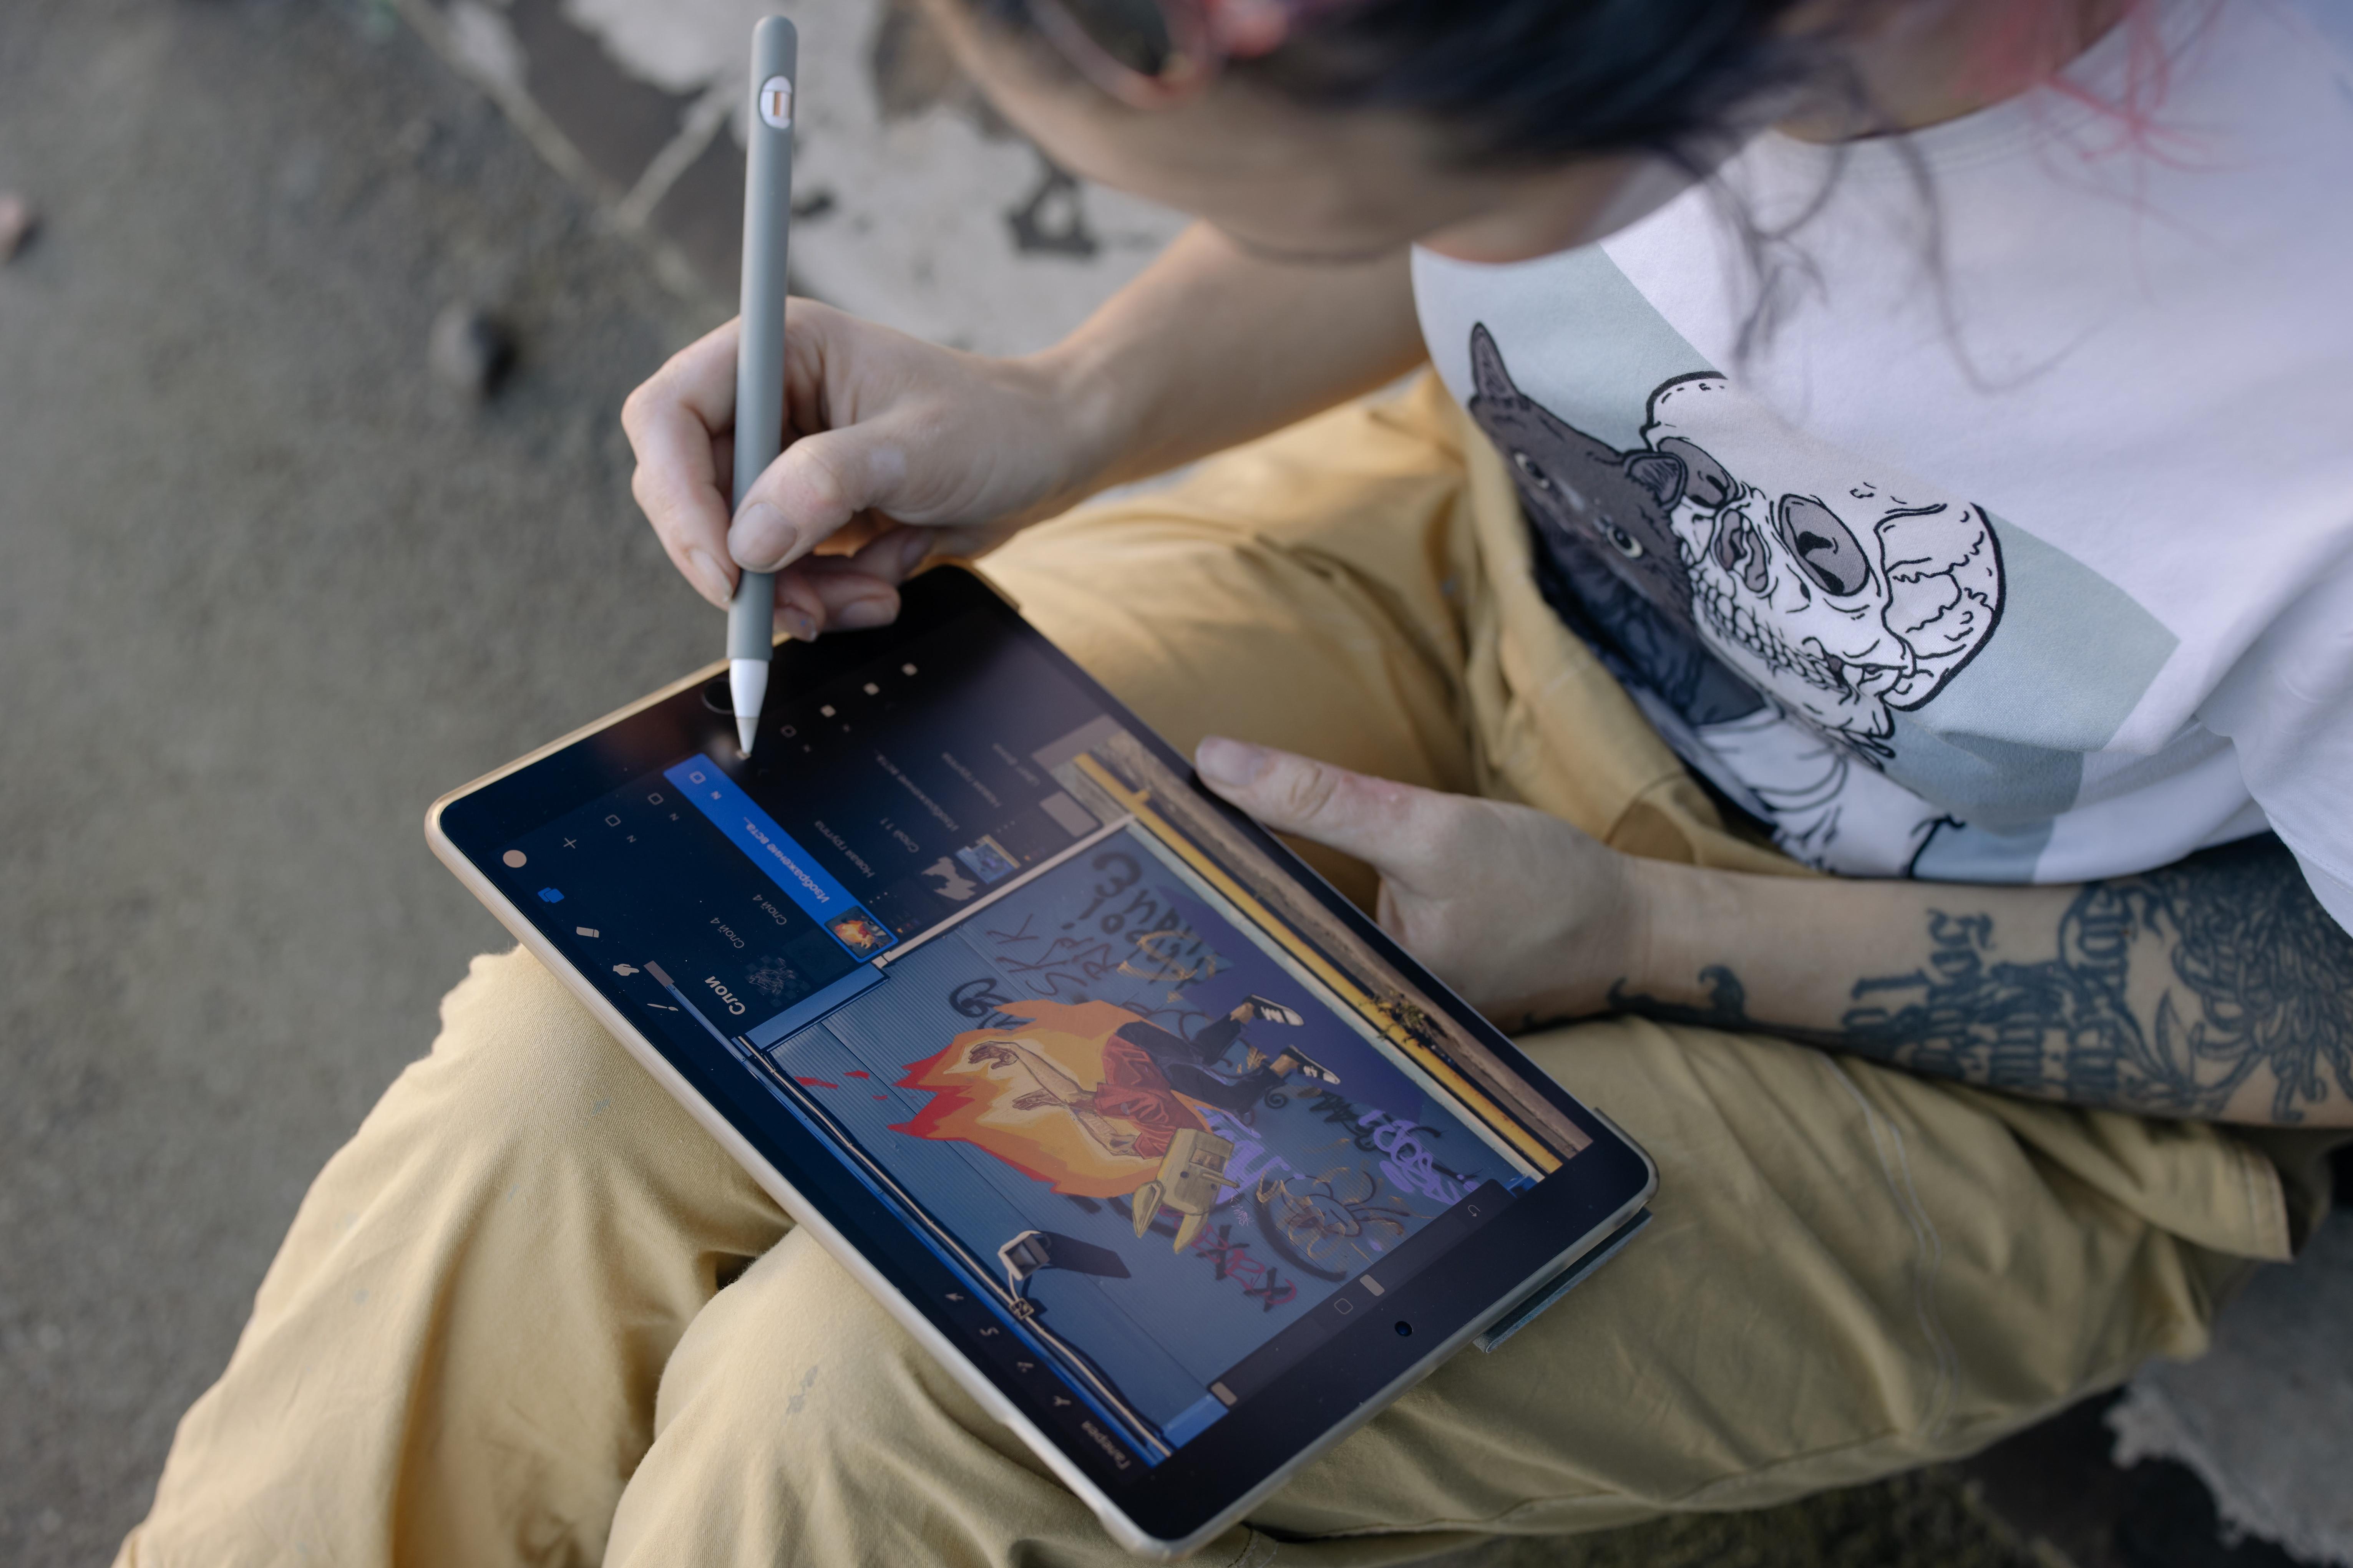 Cours de dessin et graphisme privé